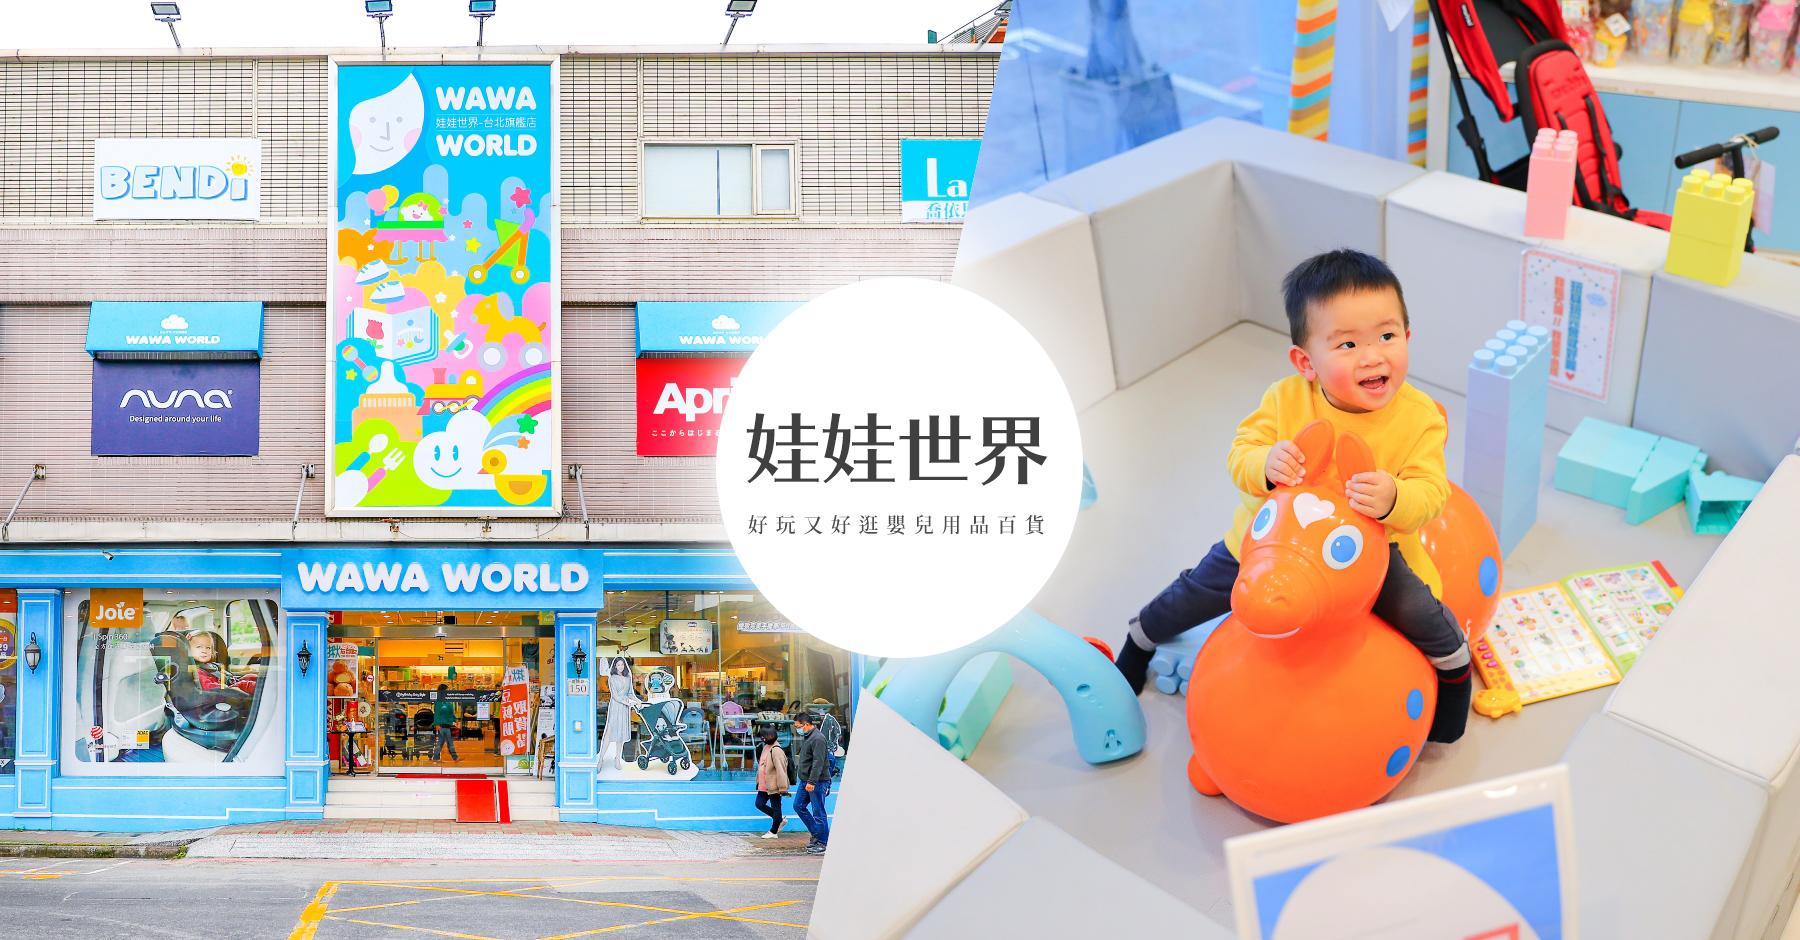 嬰兒用品店推薦 娃娃世界台北旗艦店 好玩好逛推薦必買寶寶用品嬰兒推車汽座